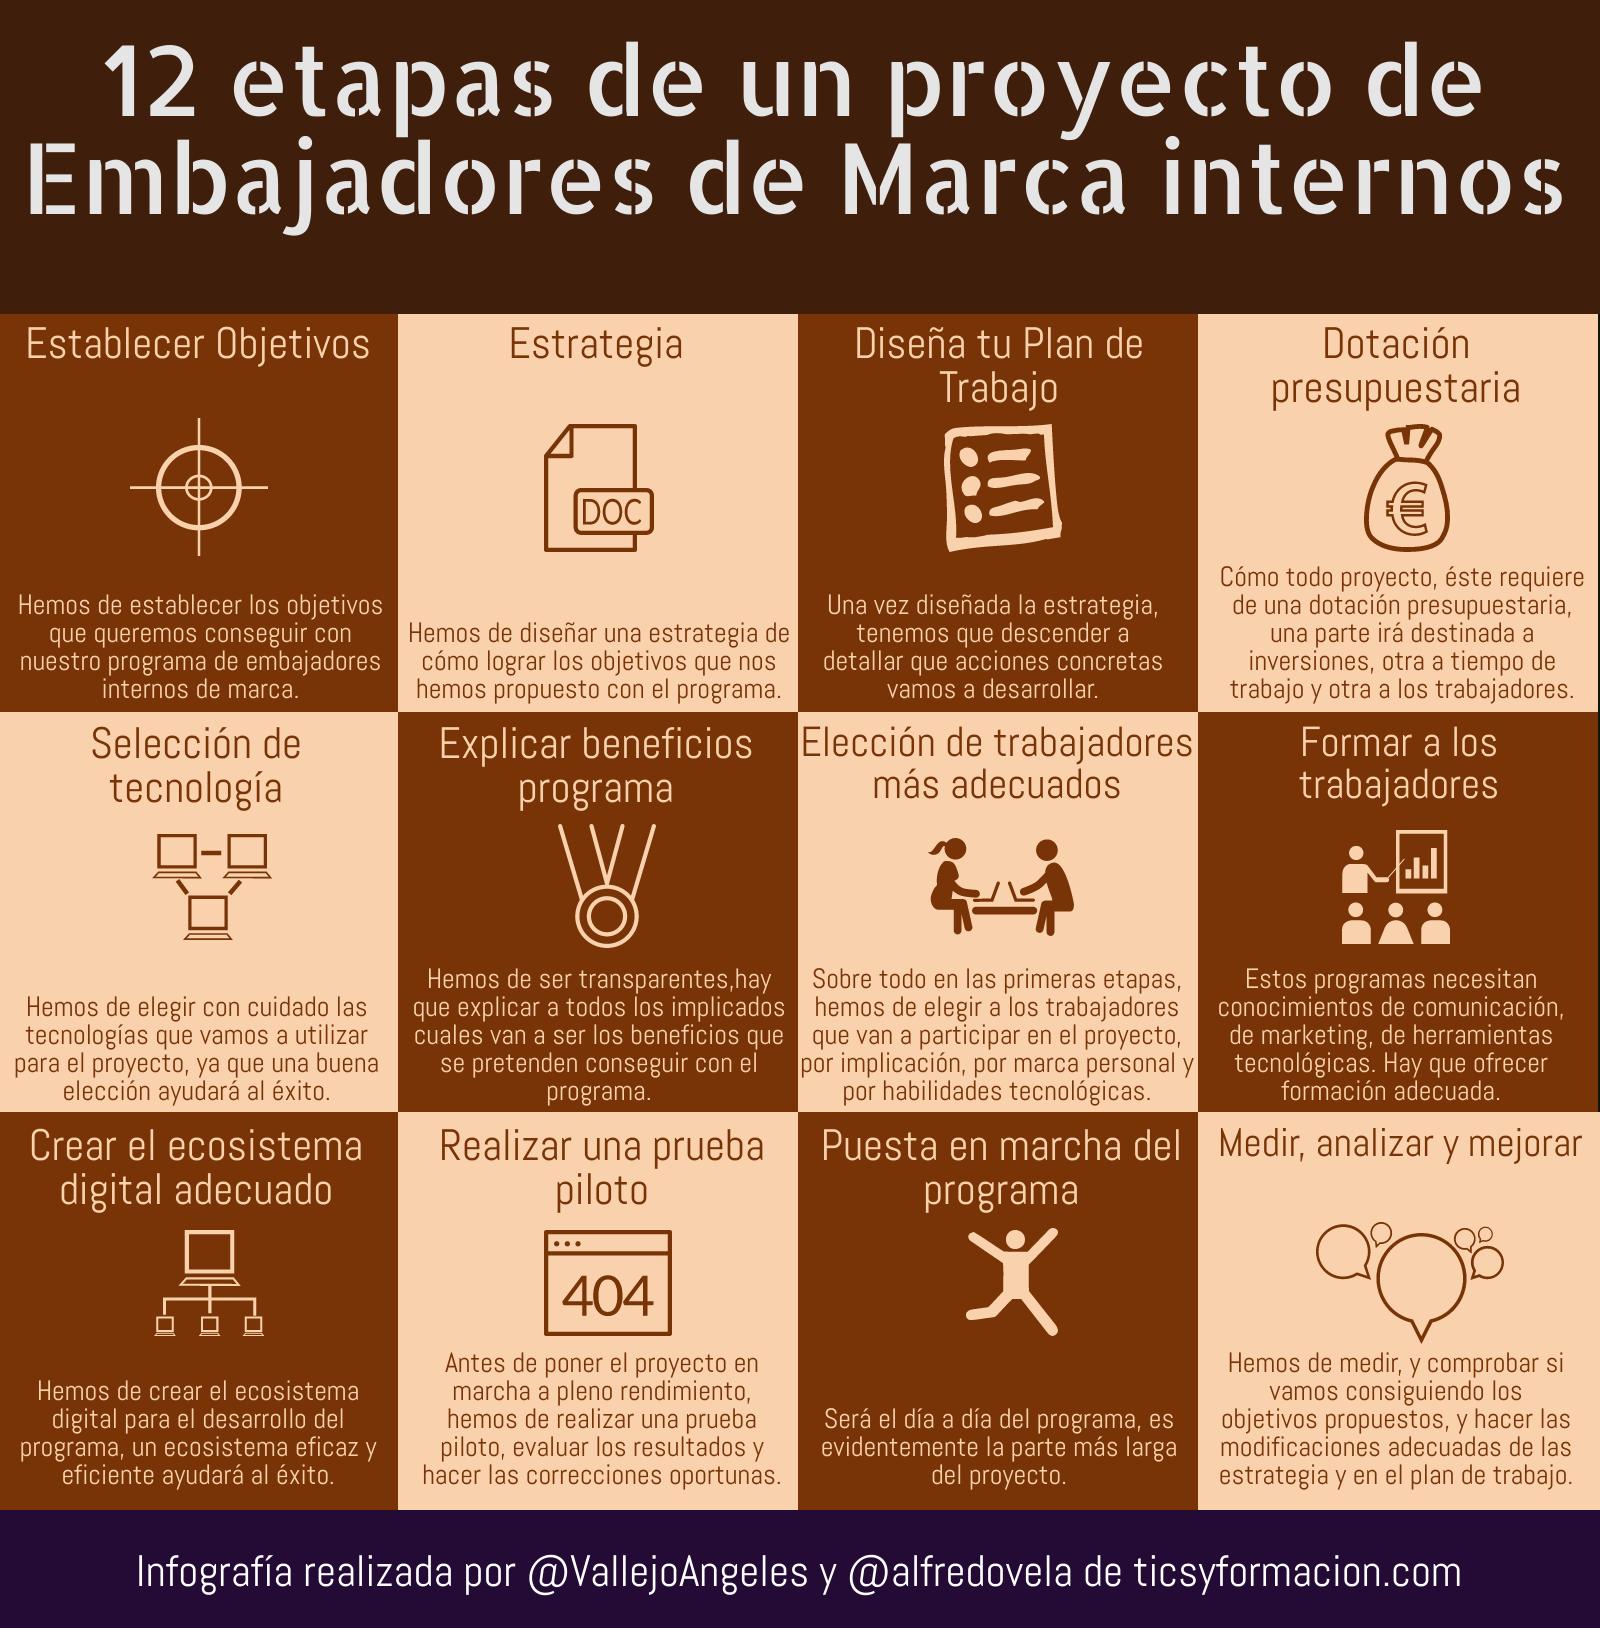 12 etapas de un Programa de Embajadores de Marca internos #infografia #employeeadvocacy #employerbranding